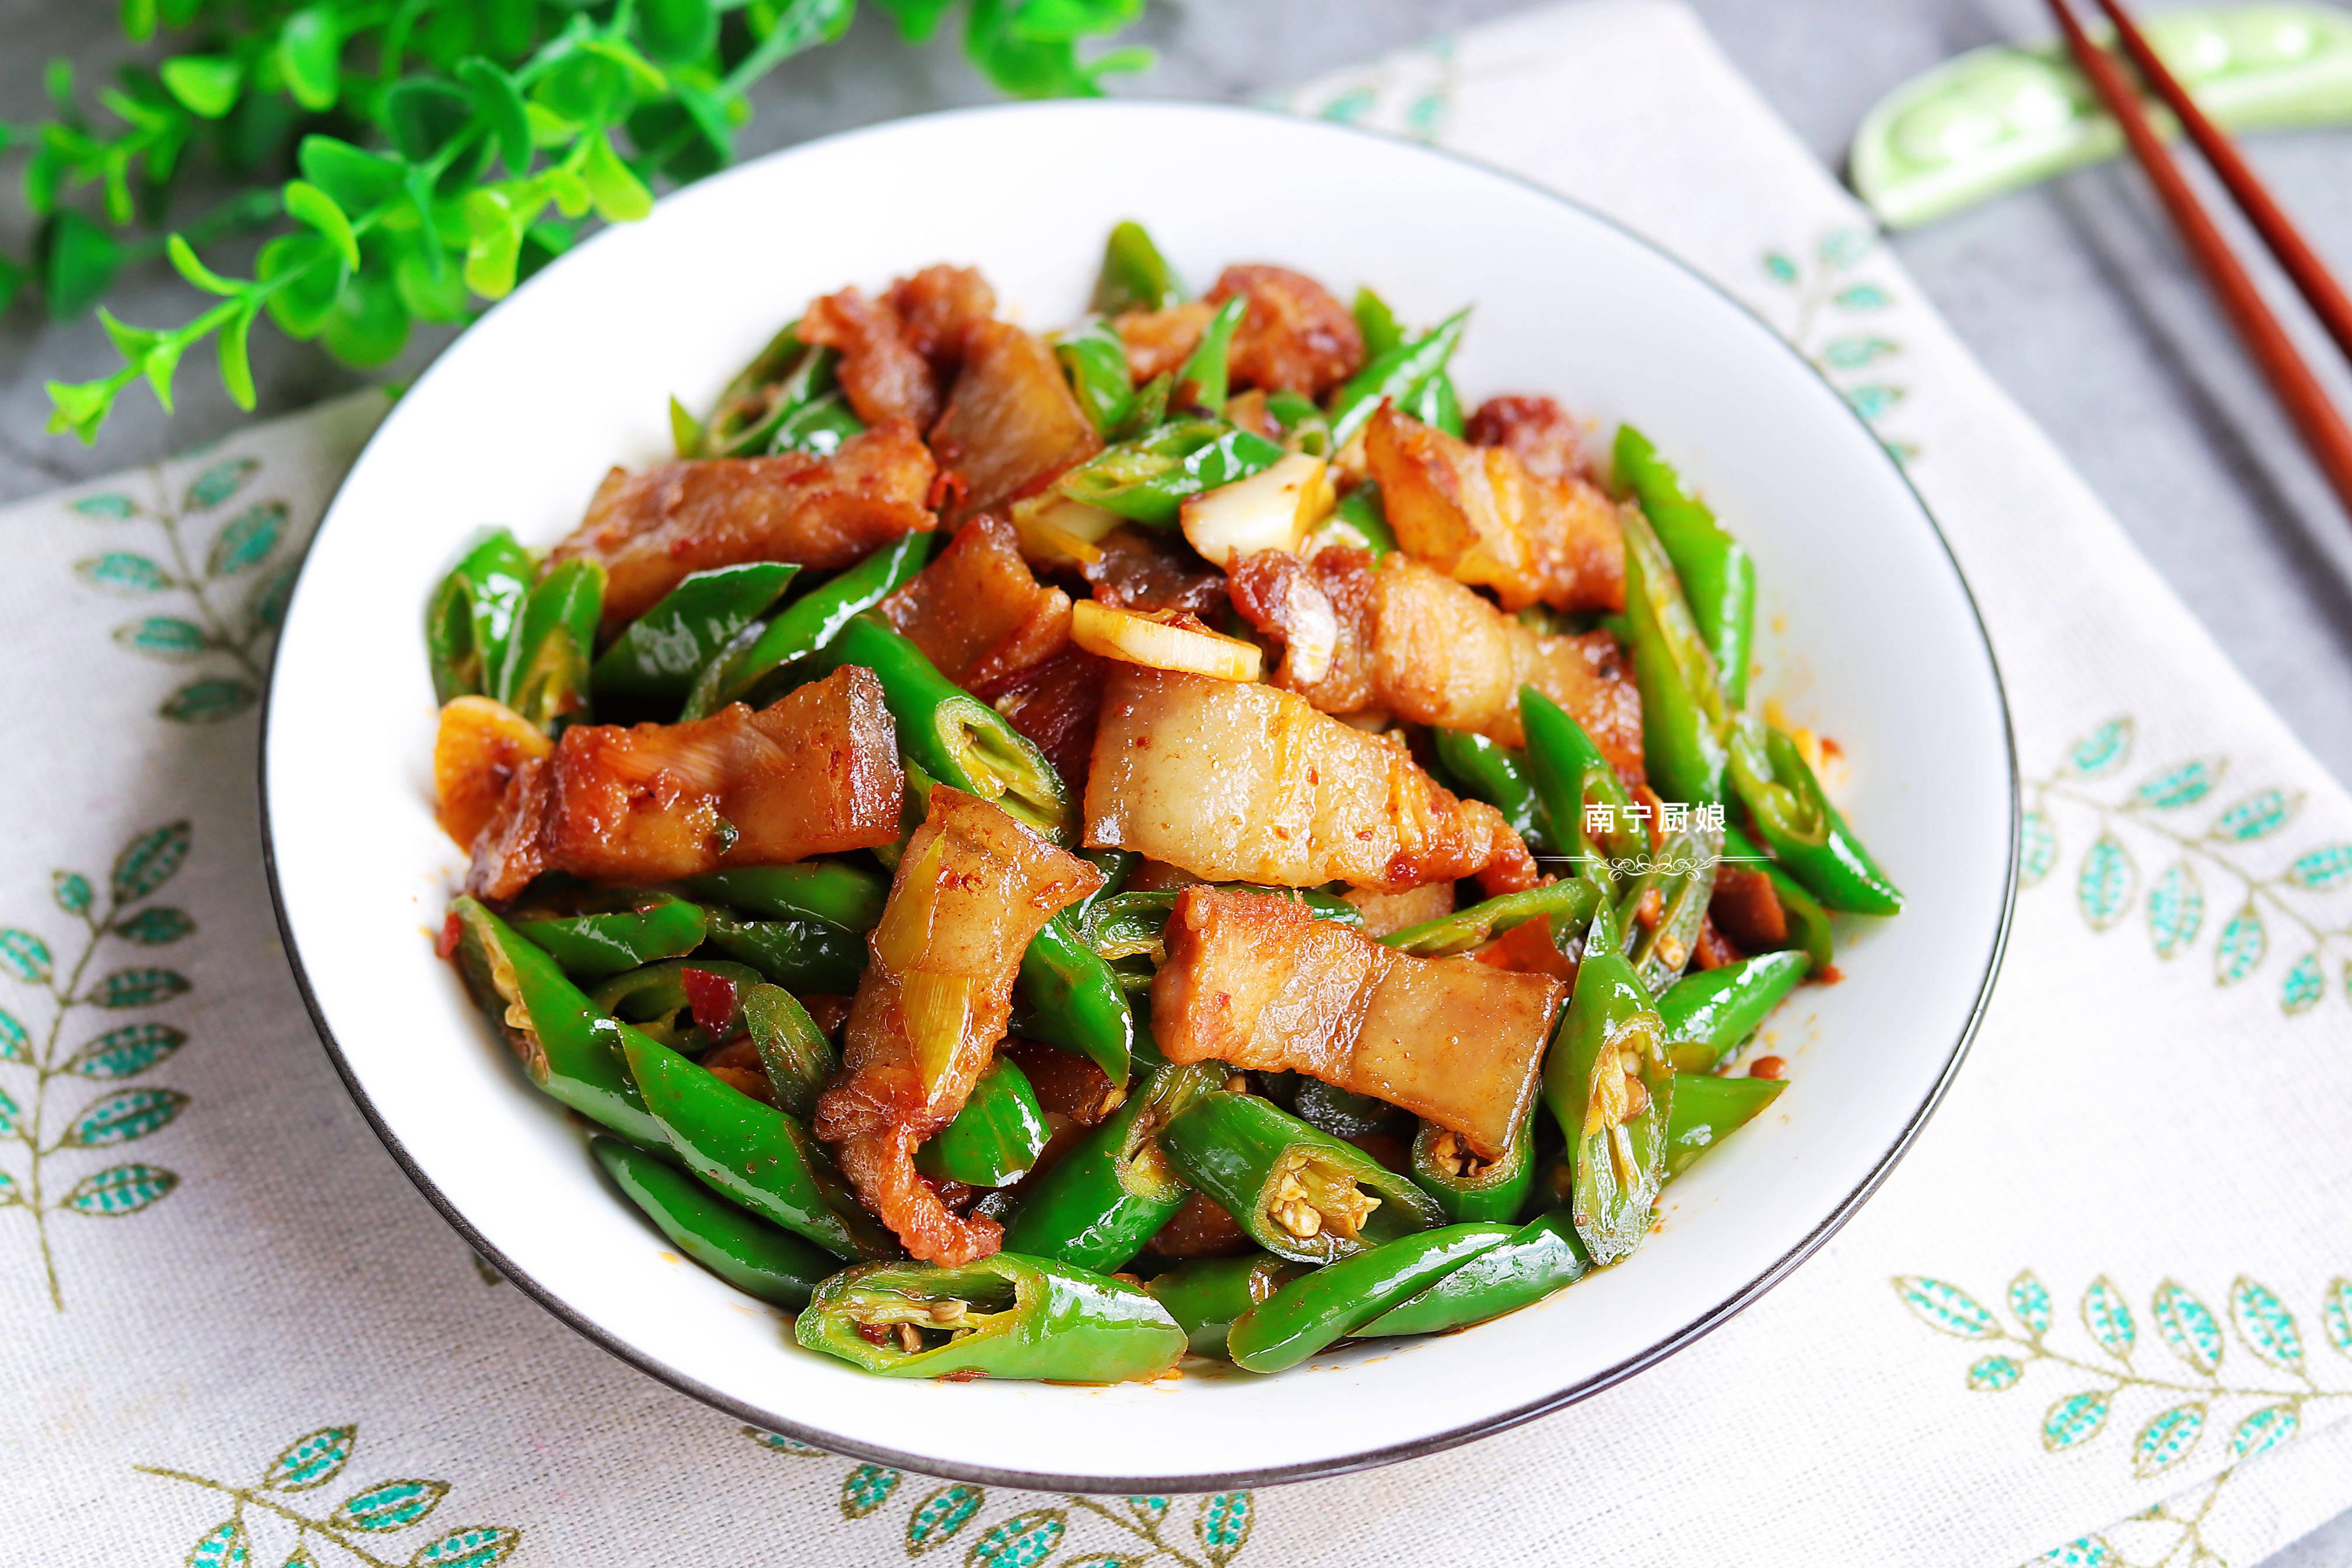 湘菜馆里点单率排第一的家常菜,比回锅肉好吃10倍,下饭又下酒